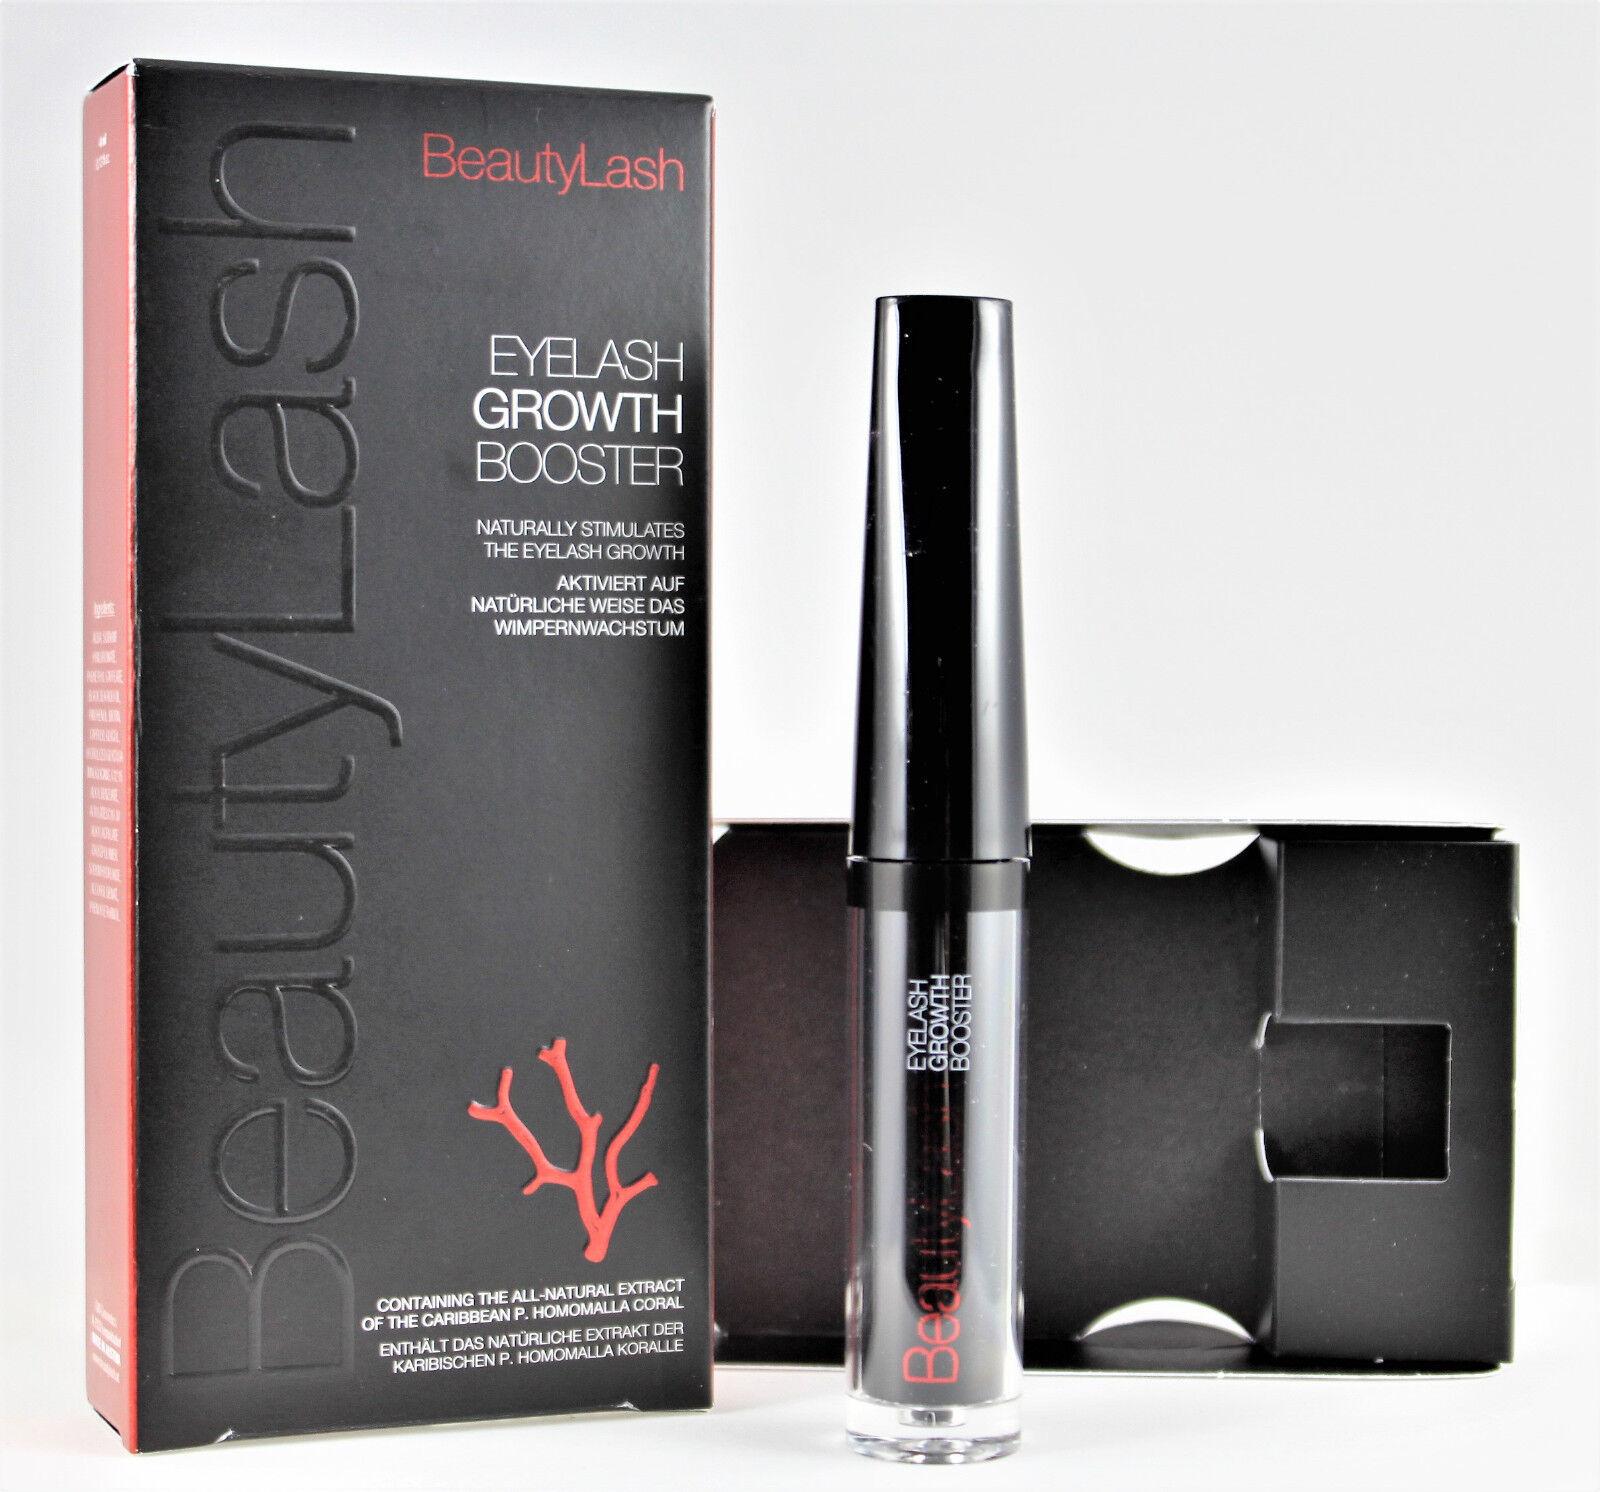 BeautyLash Eyelash Growth Booster 4 ml Wimpernserum Wimpernwachstum RefectoCil